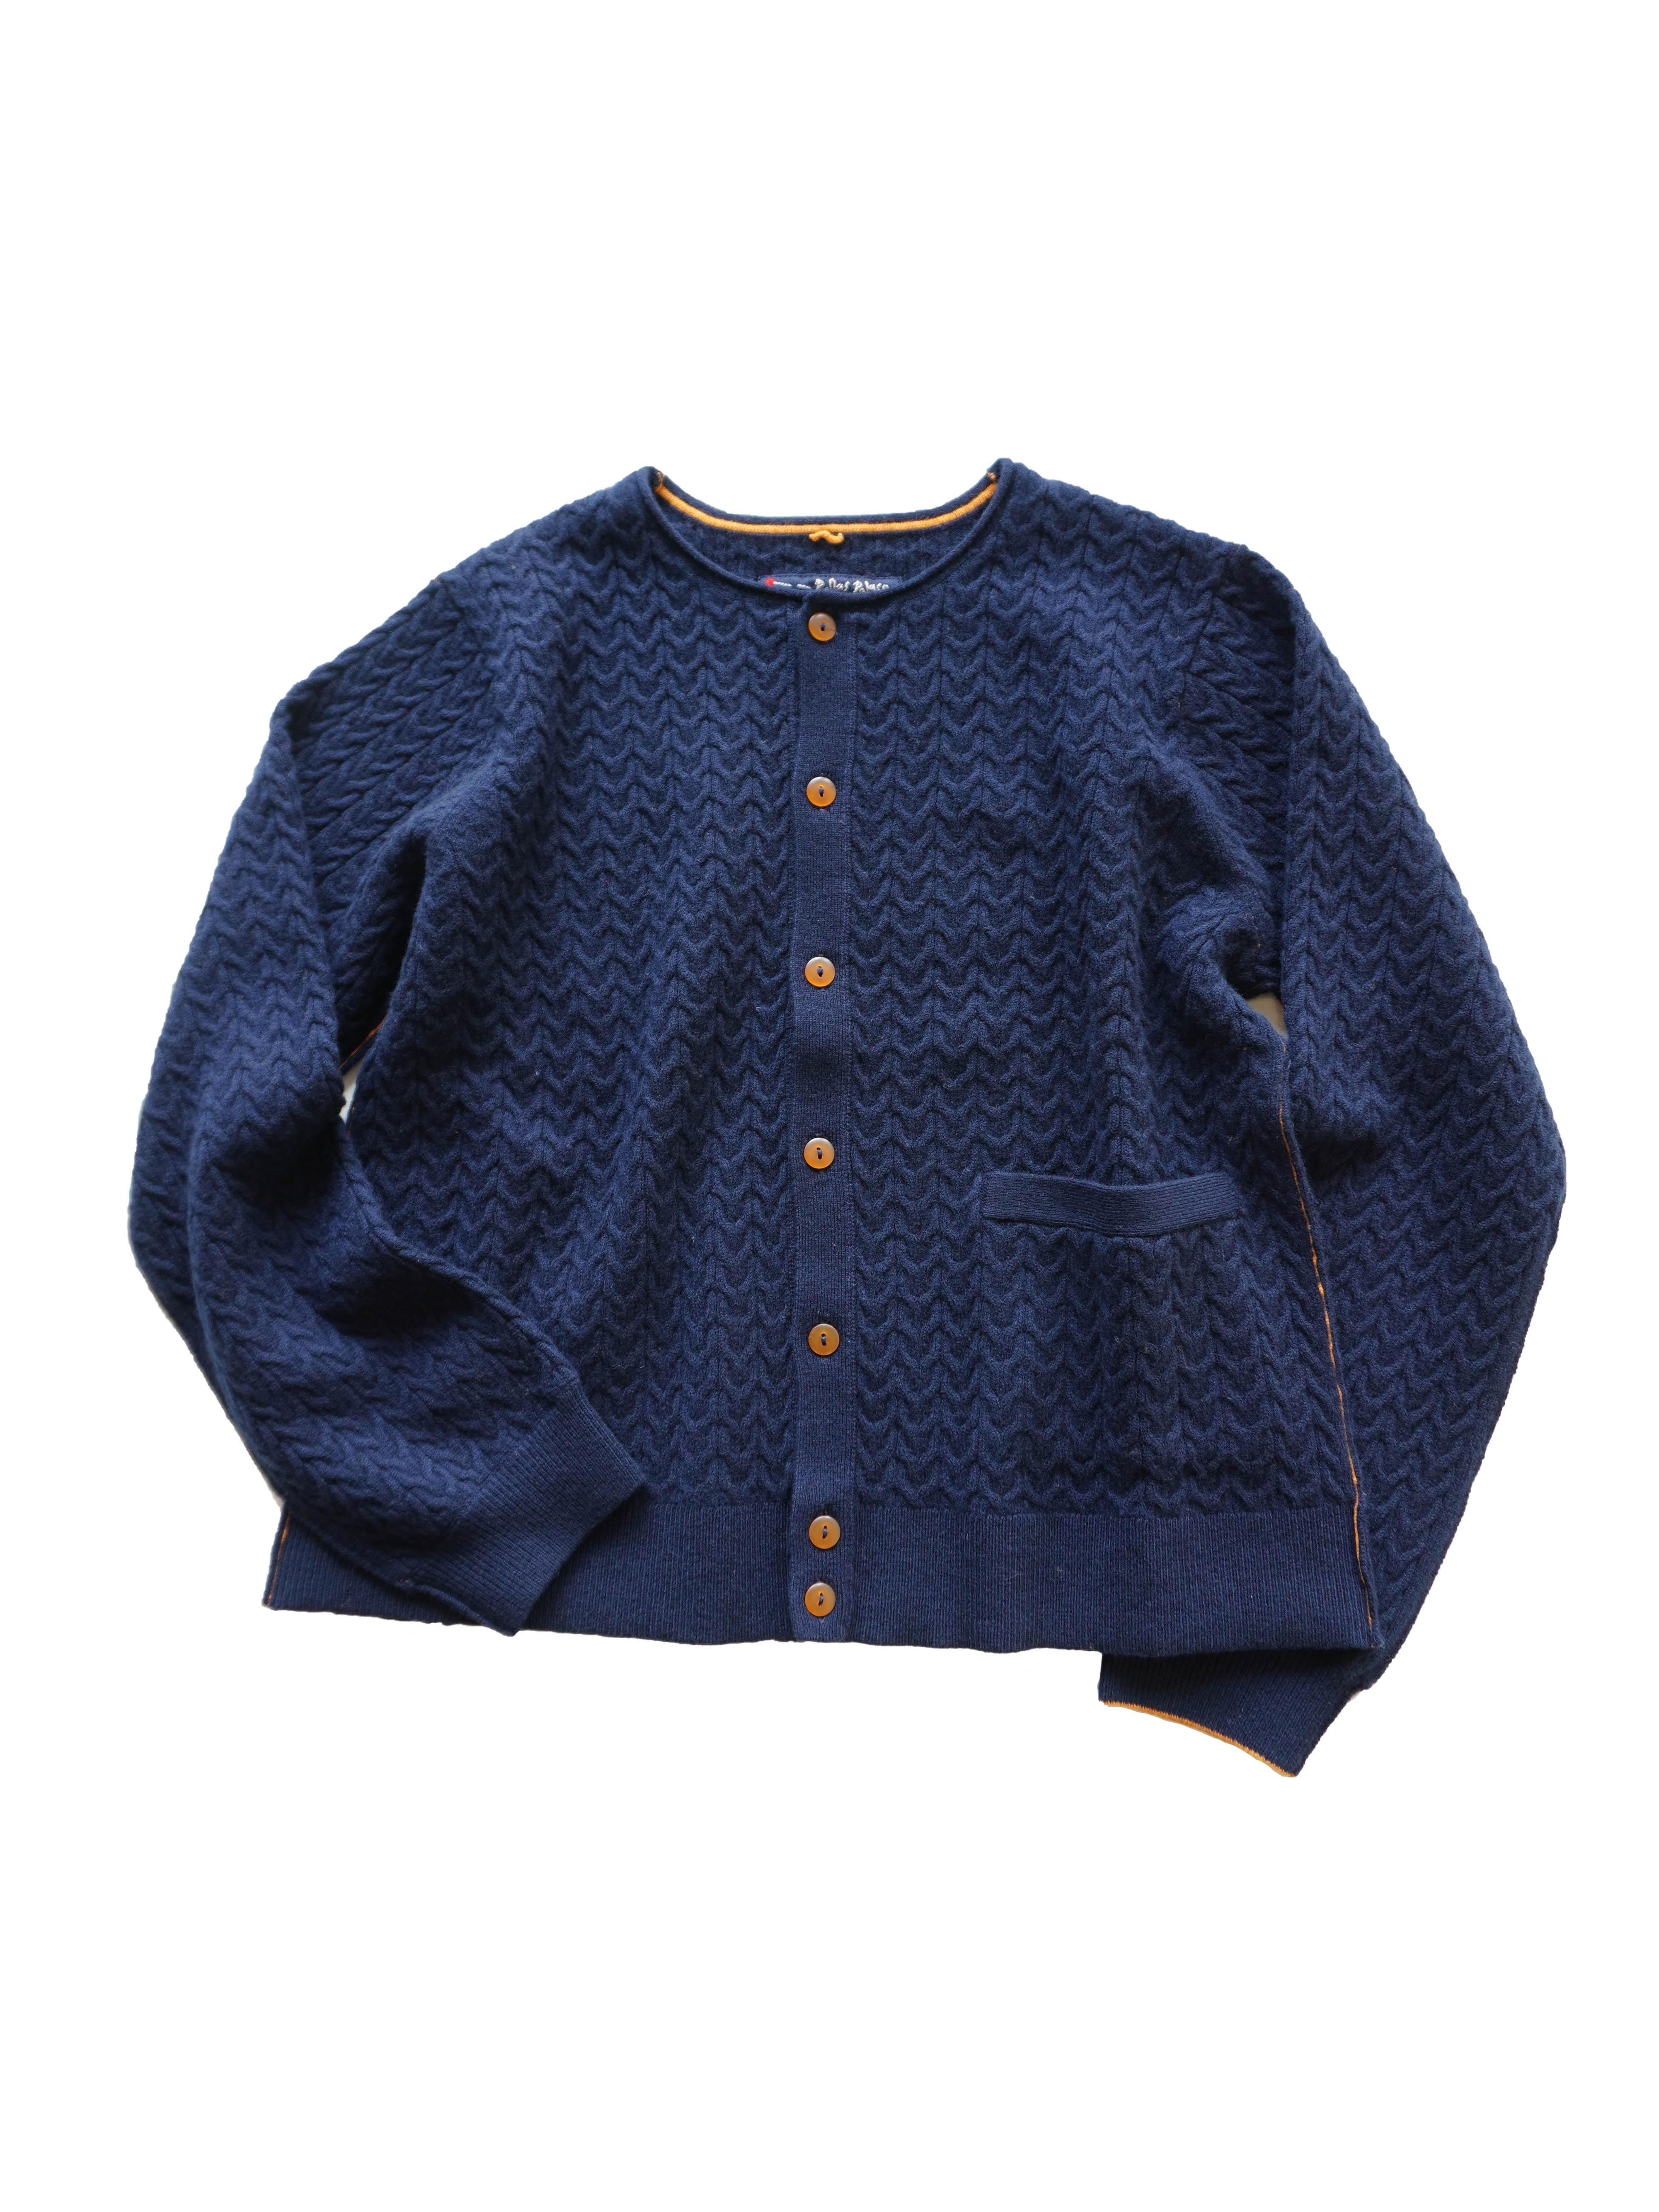 メリノウールケーブル編みカーディガン